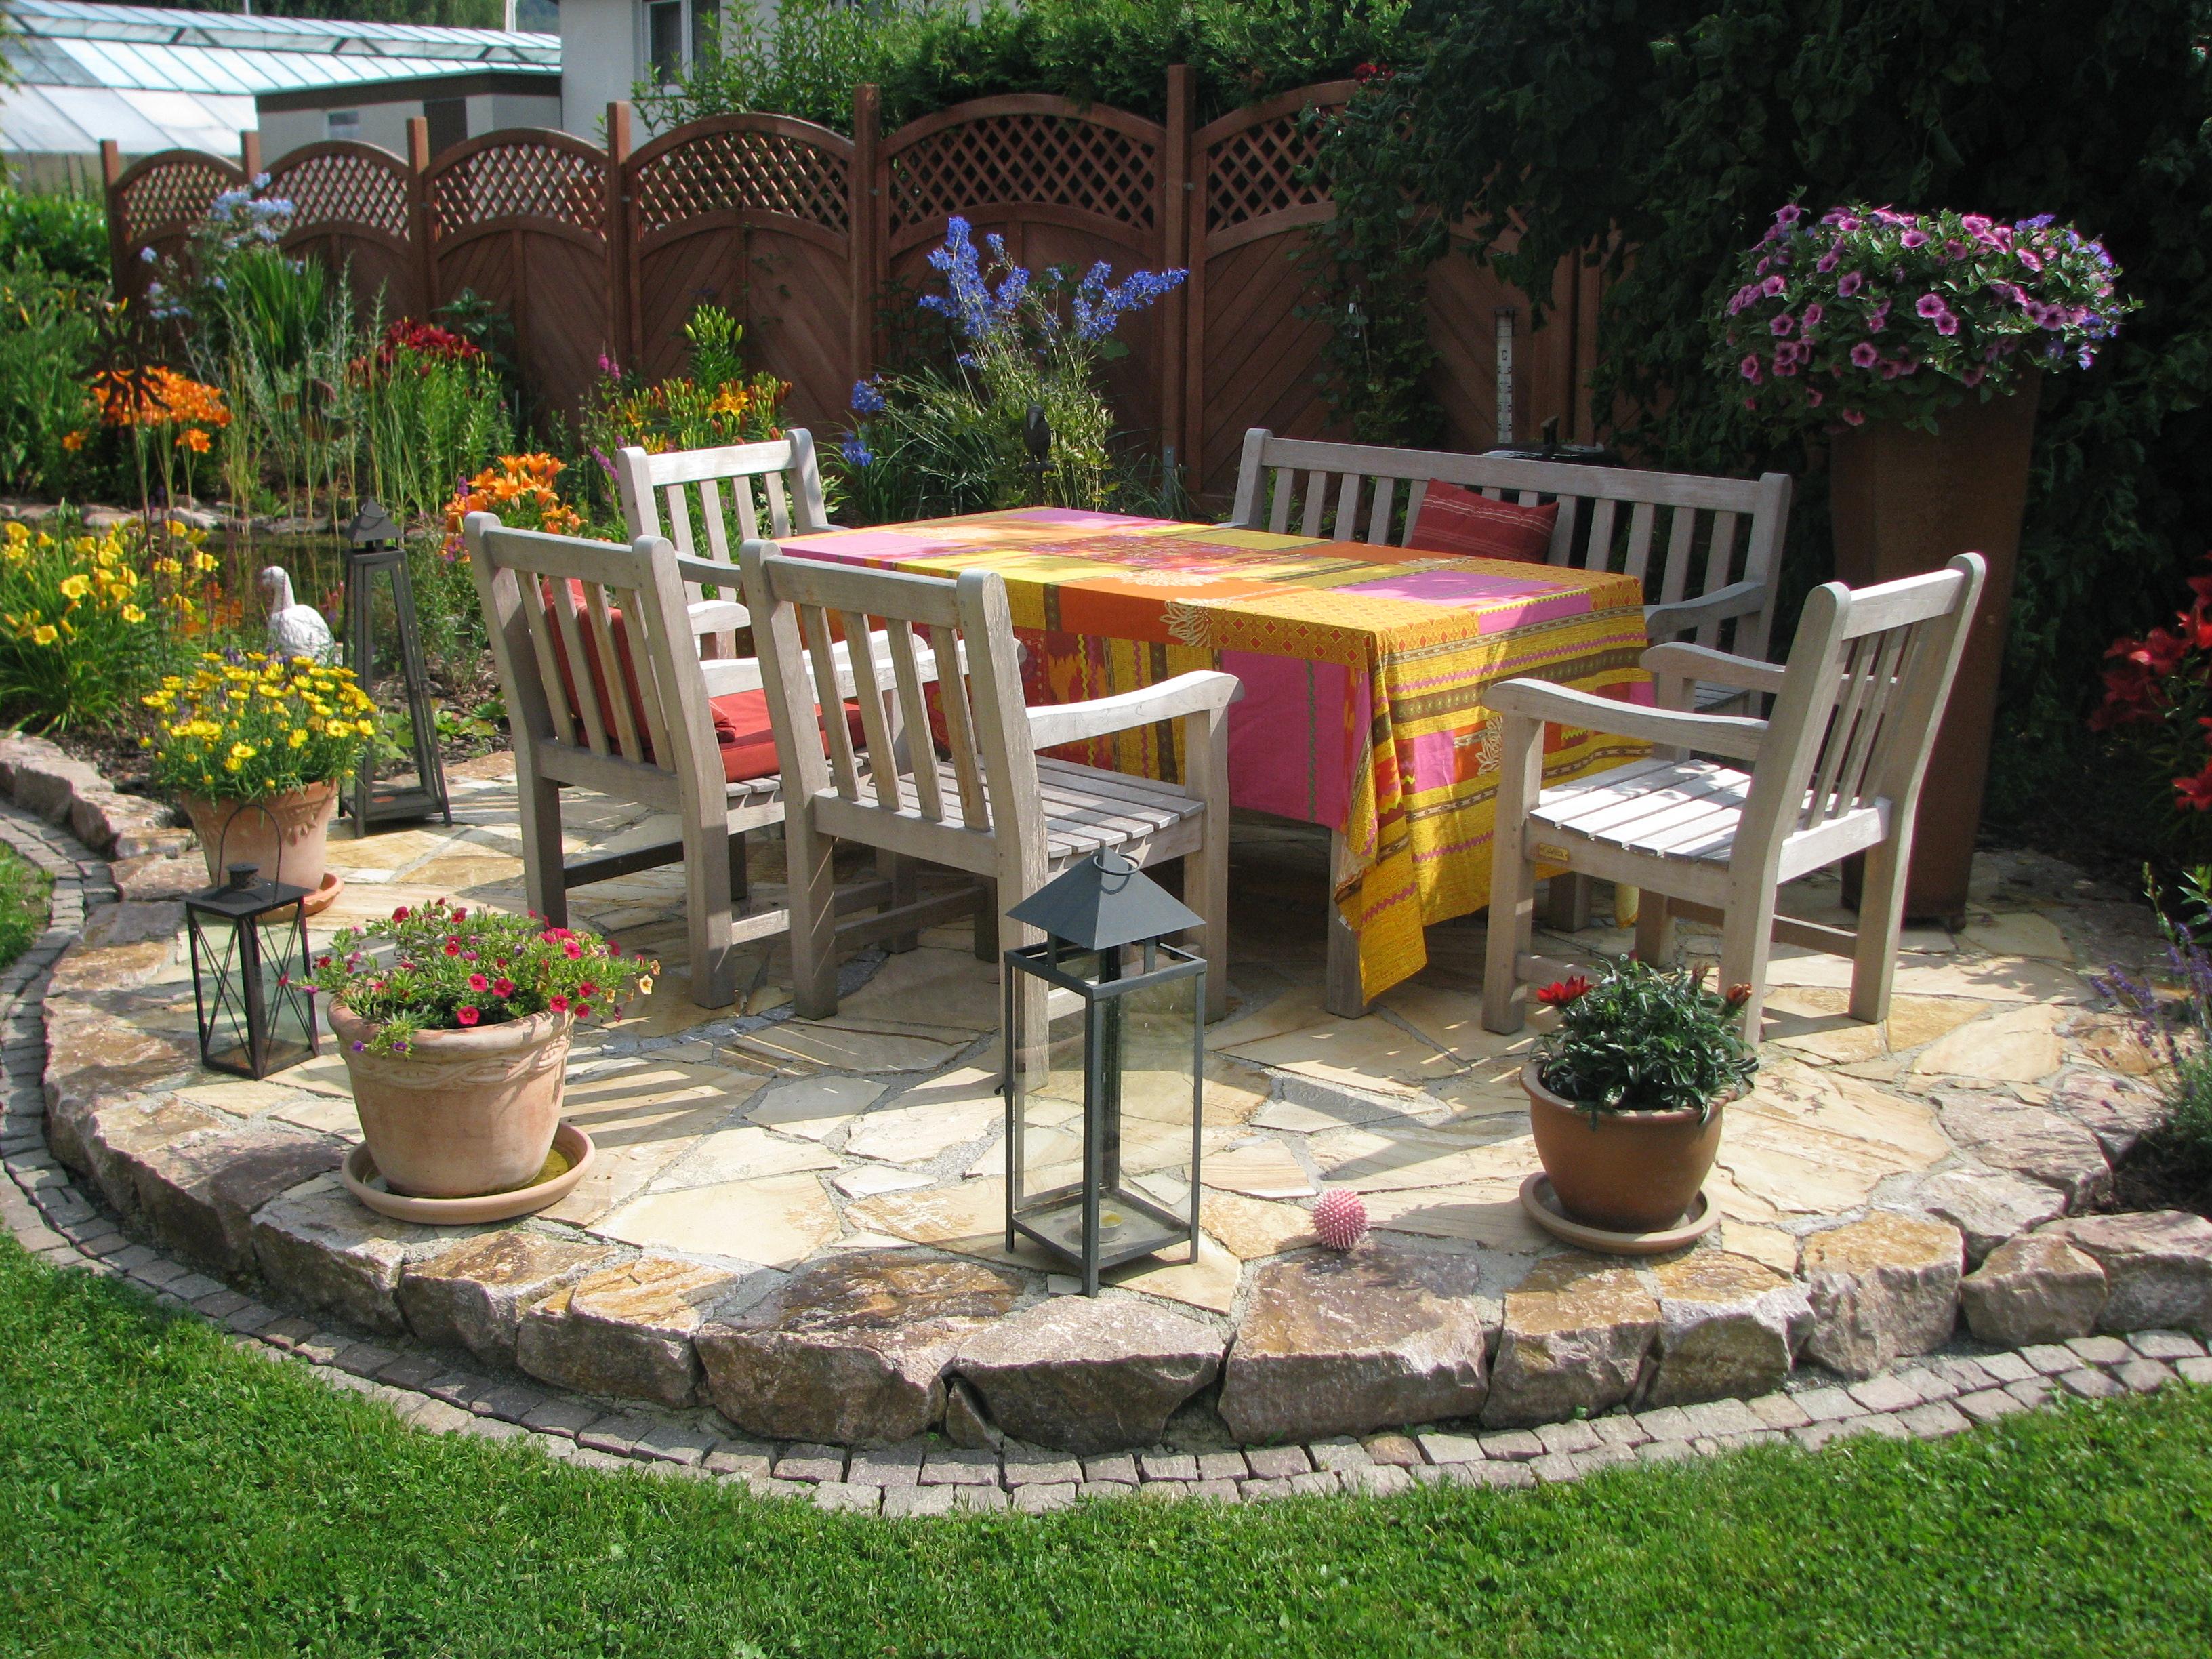 Gartengestaltung ideen terrasse Gartengestaltung terrasse ideen